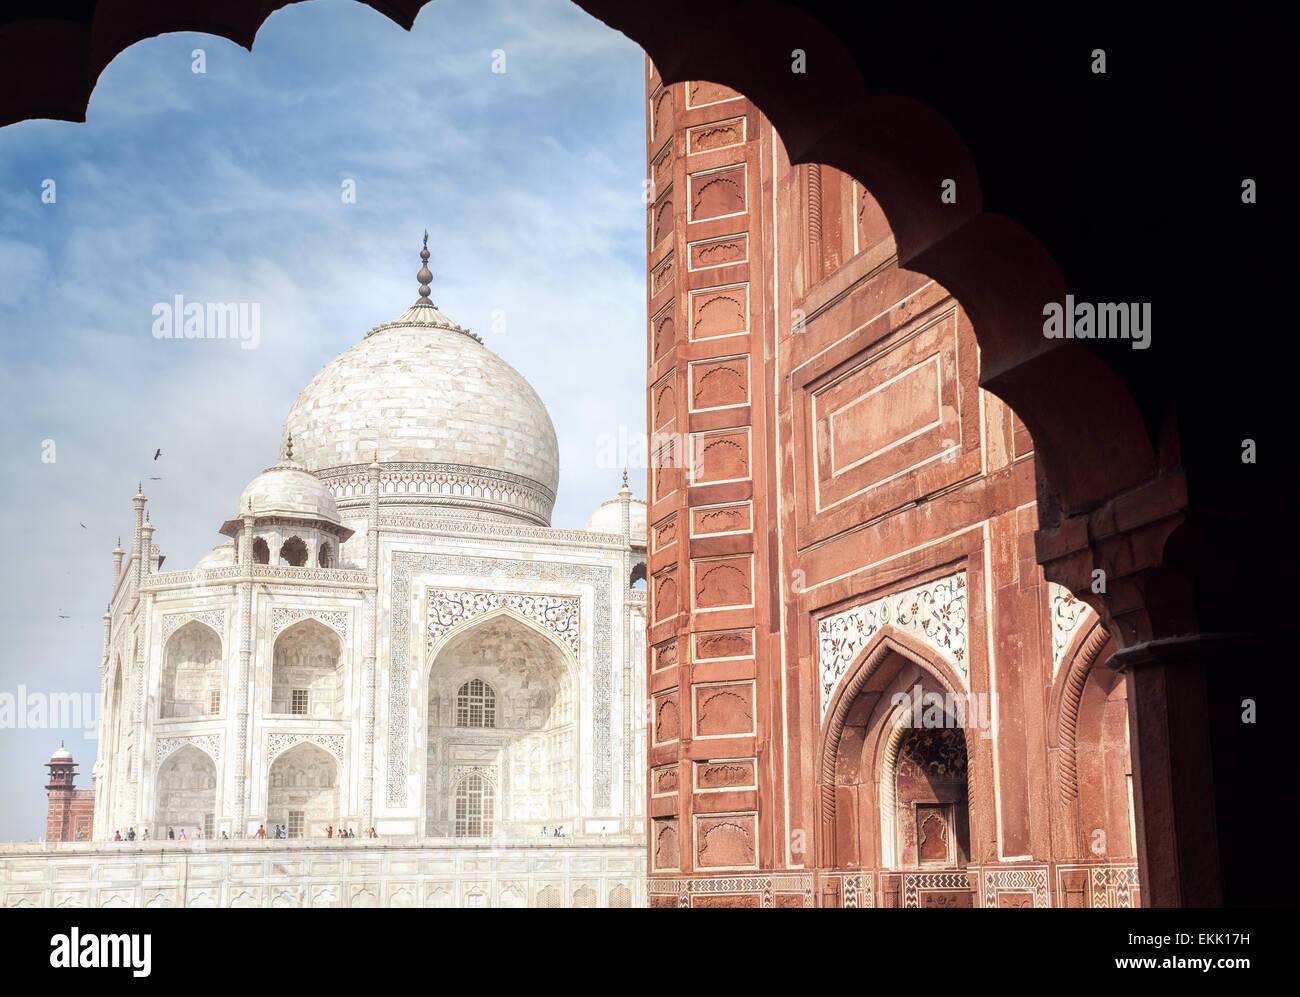 Taj Mahal tumba y mezquita en el arco en el cielo azul en Agra, Uttar Pradesh, India Imagen De Stock